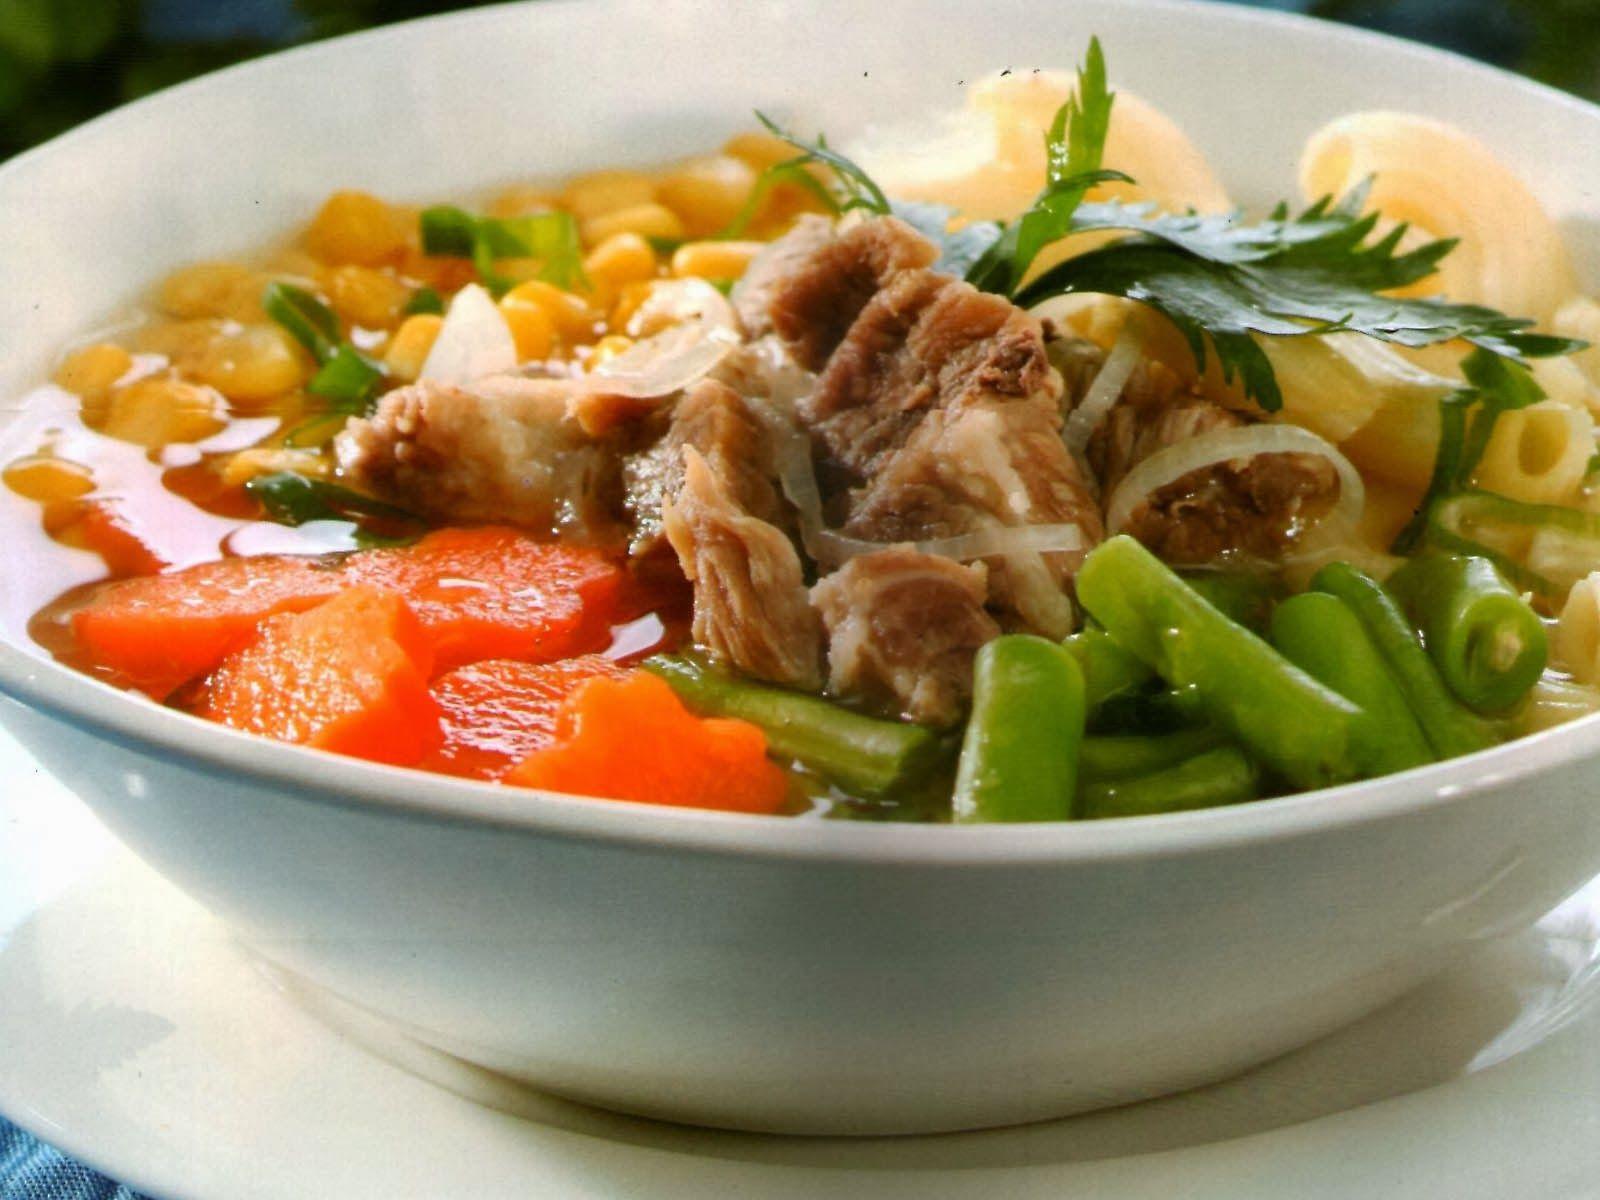 Resep Sop Daging Sapi Yang Sangat Mudah Dan Cepat Untuk Kalian Praktekkan Sendiri Di Rumah Masing Masing Resep Masakan Resep Masakan